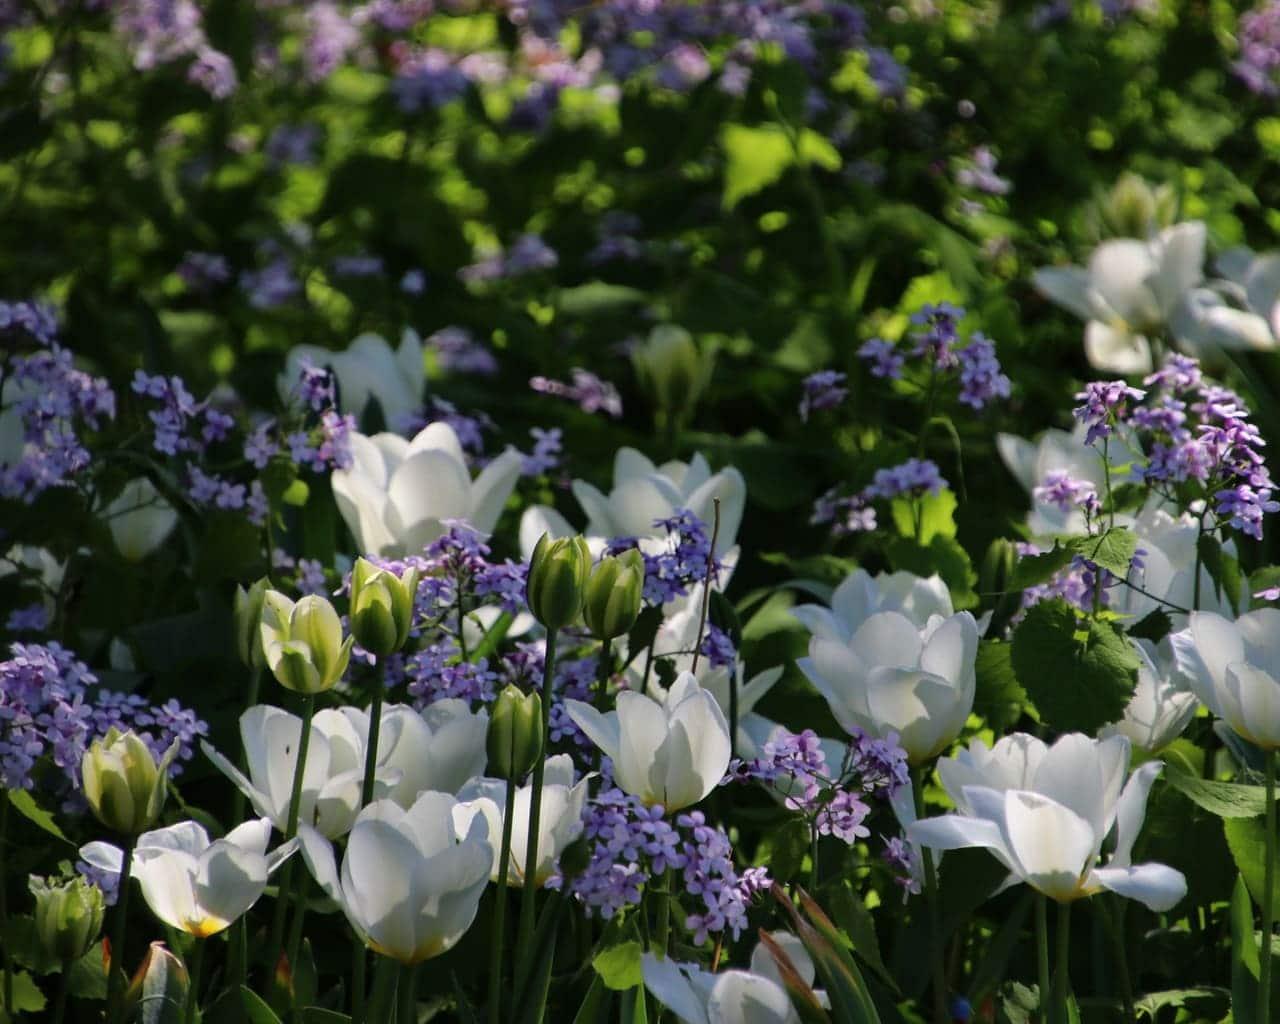 Weiße einfachblühen Tulpen und Viridiflora Tulpen mit dem staudigen Silberblatt Lunaria rediviva in einem Kundengarten in Möser, Planung Petra Pelz